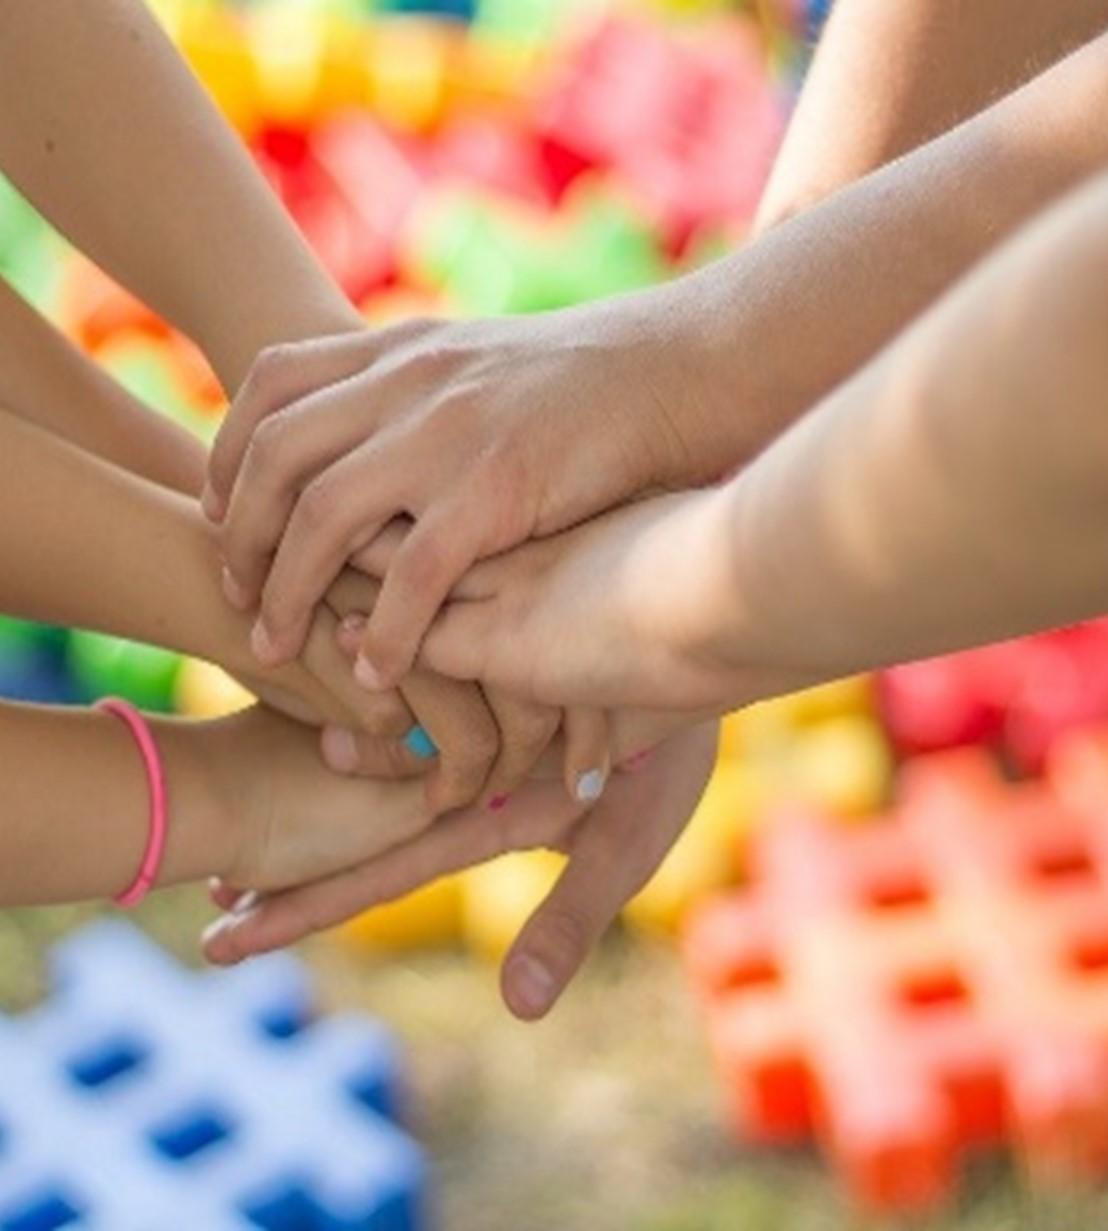 Barnhänder som sträcks fram och håller i varandra